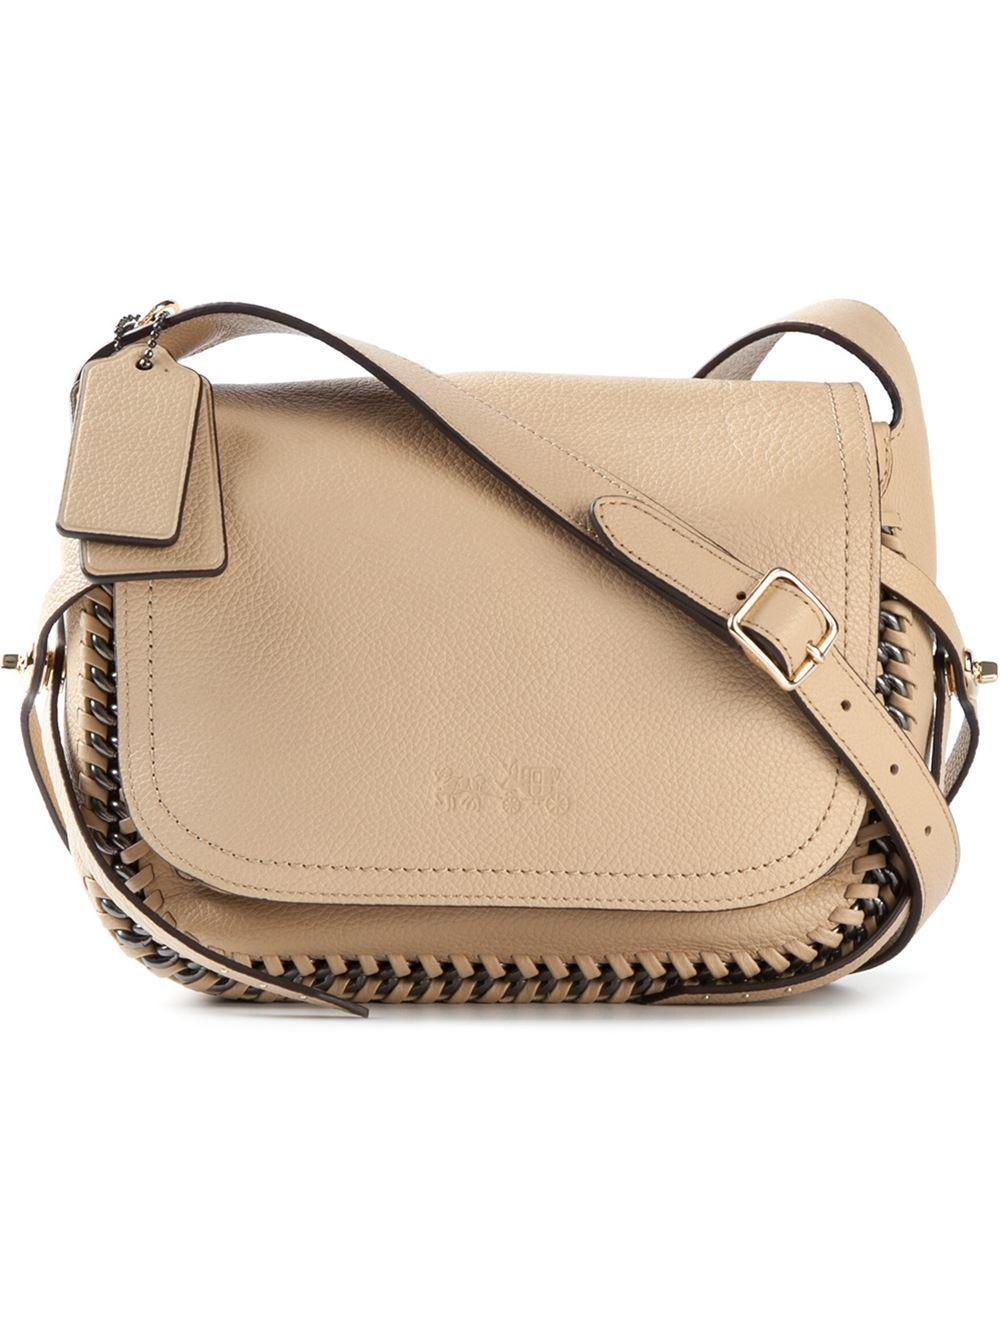 9a623e567b19 Lyst - COACH Dakotah Leather Cross-Body Bag in Natural